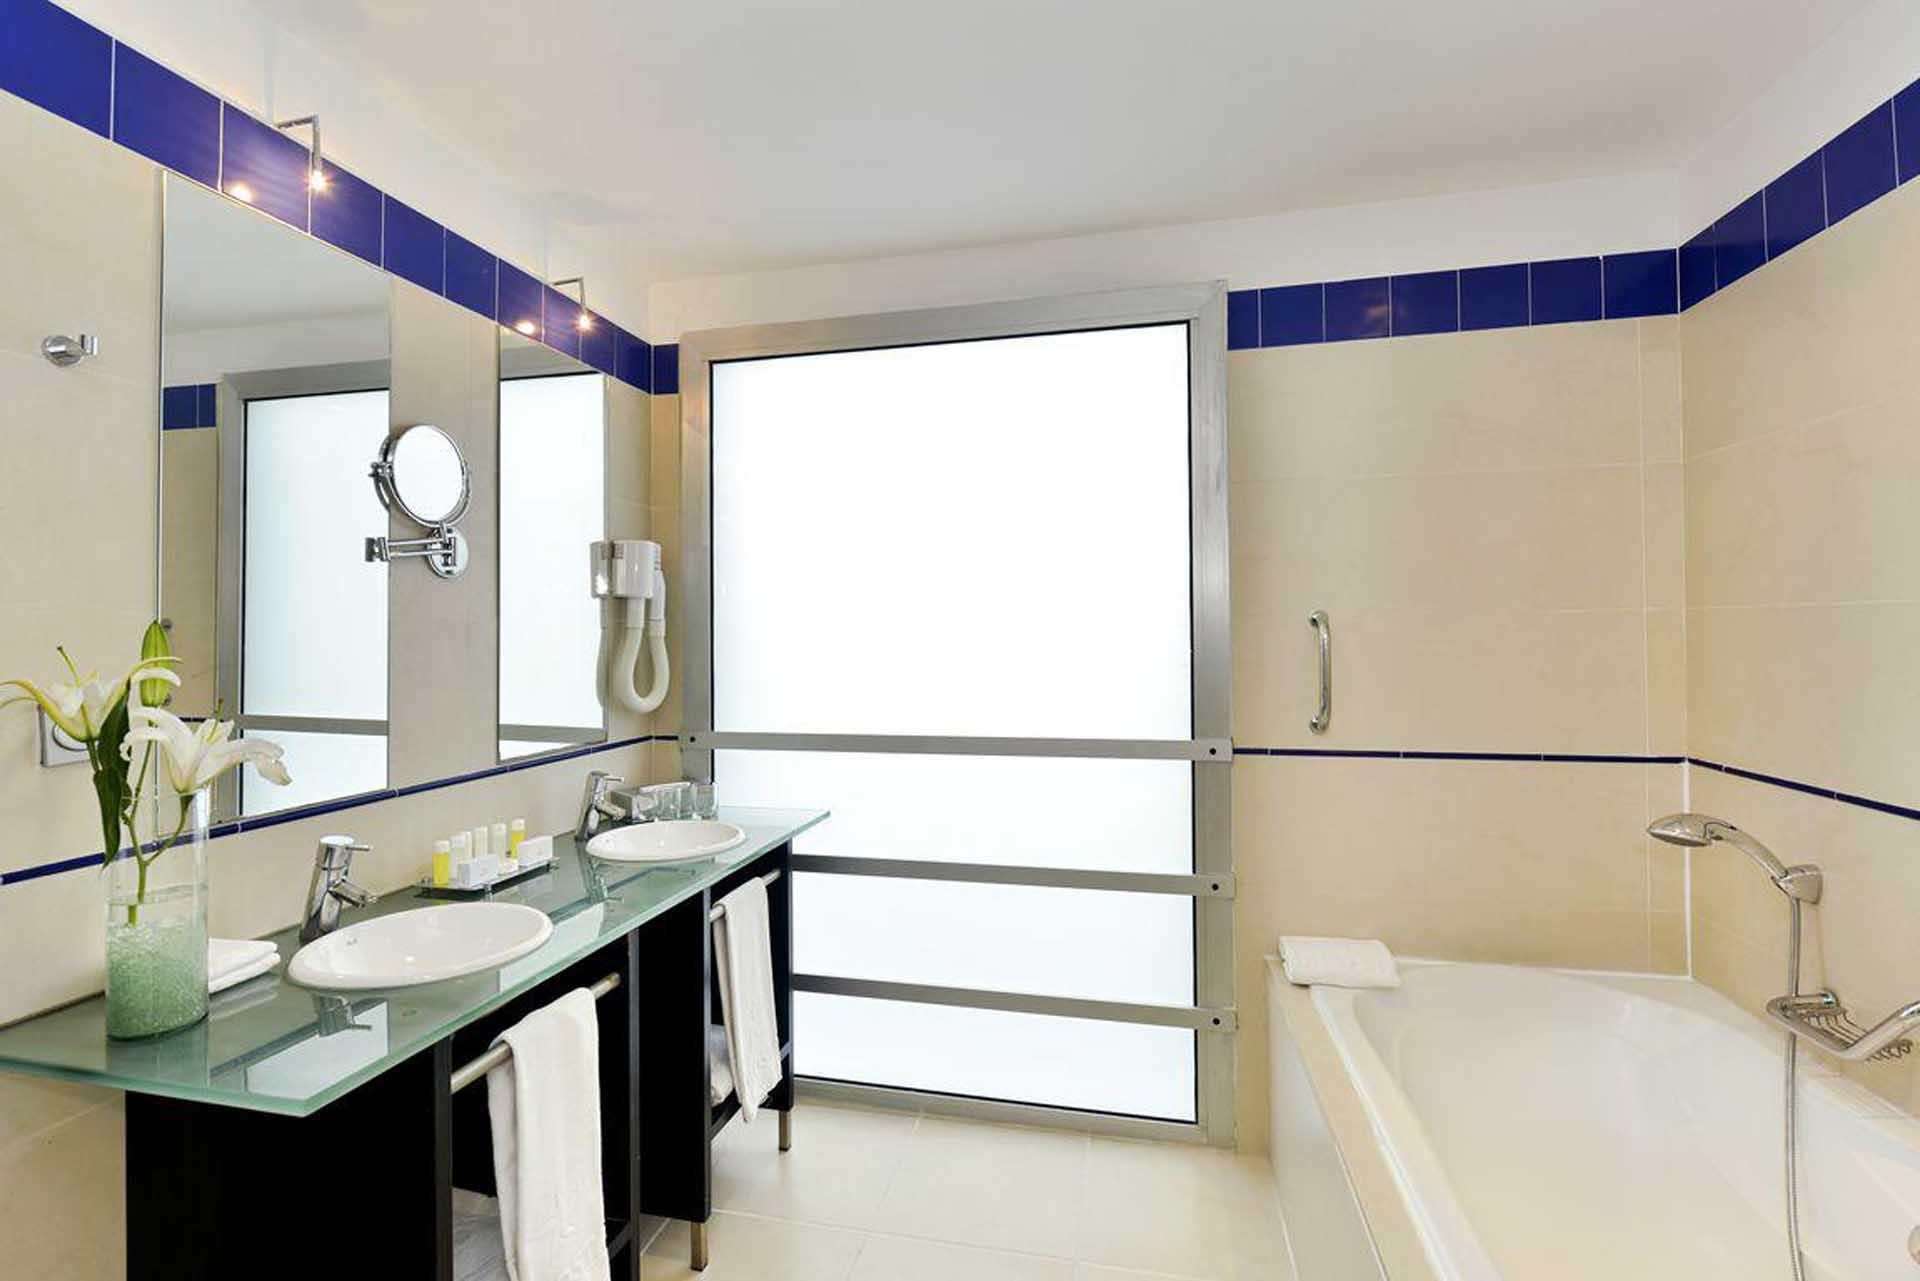 H0932 Salle de bain Moderne hotel Parque central La Havane Cuba